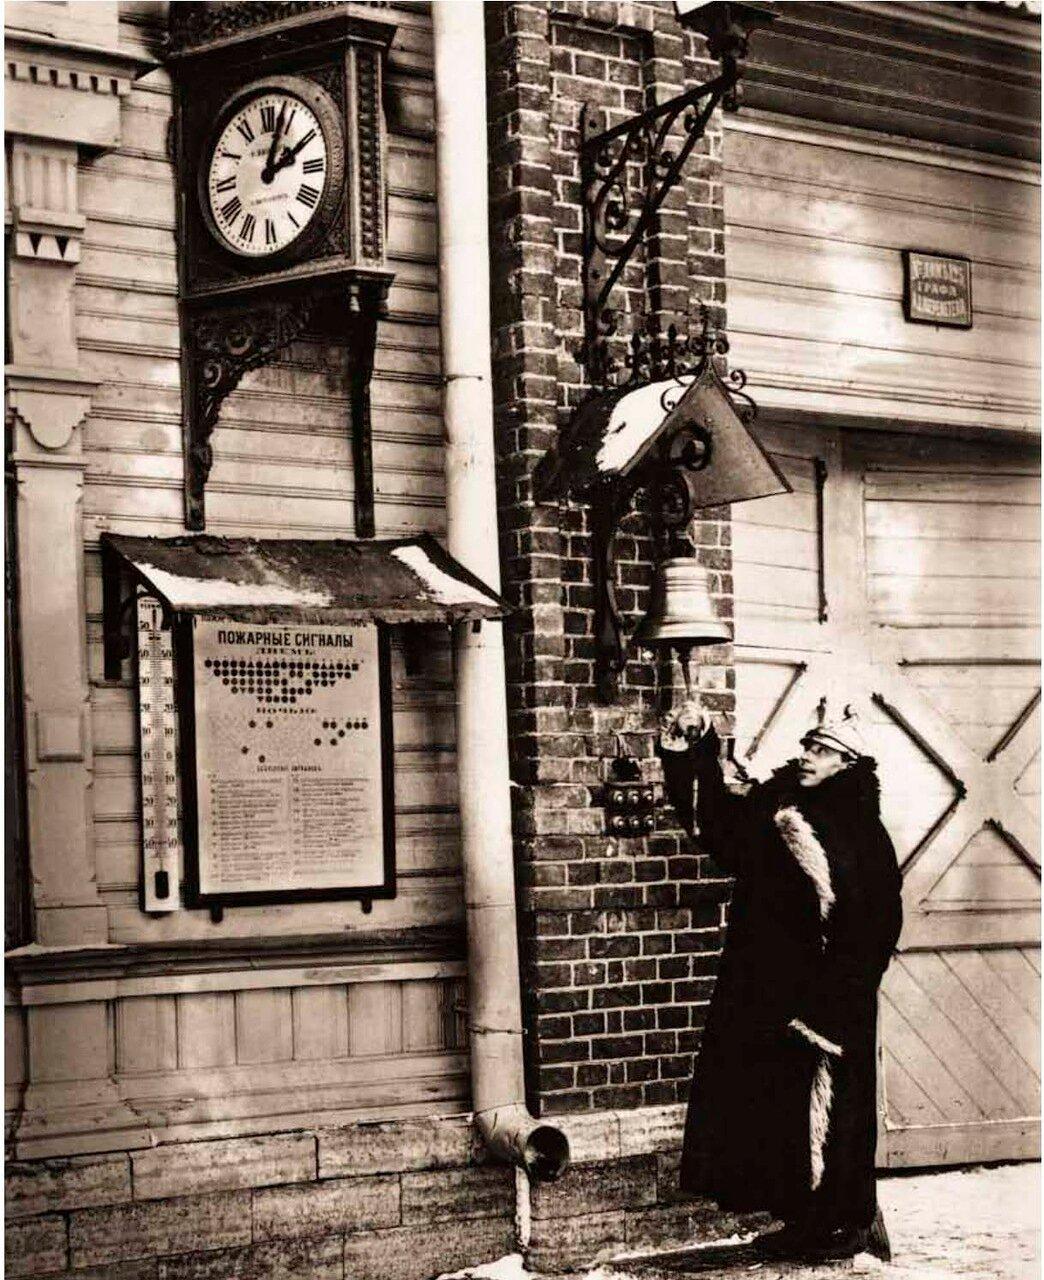 1909. Часовой у малого колокола на фасаде Пожарного депо Ульянковской Пожарной Команды графа А.Д.Шереметьева.